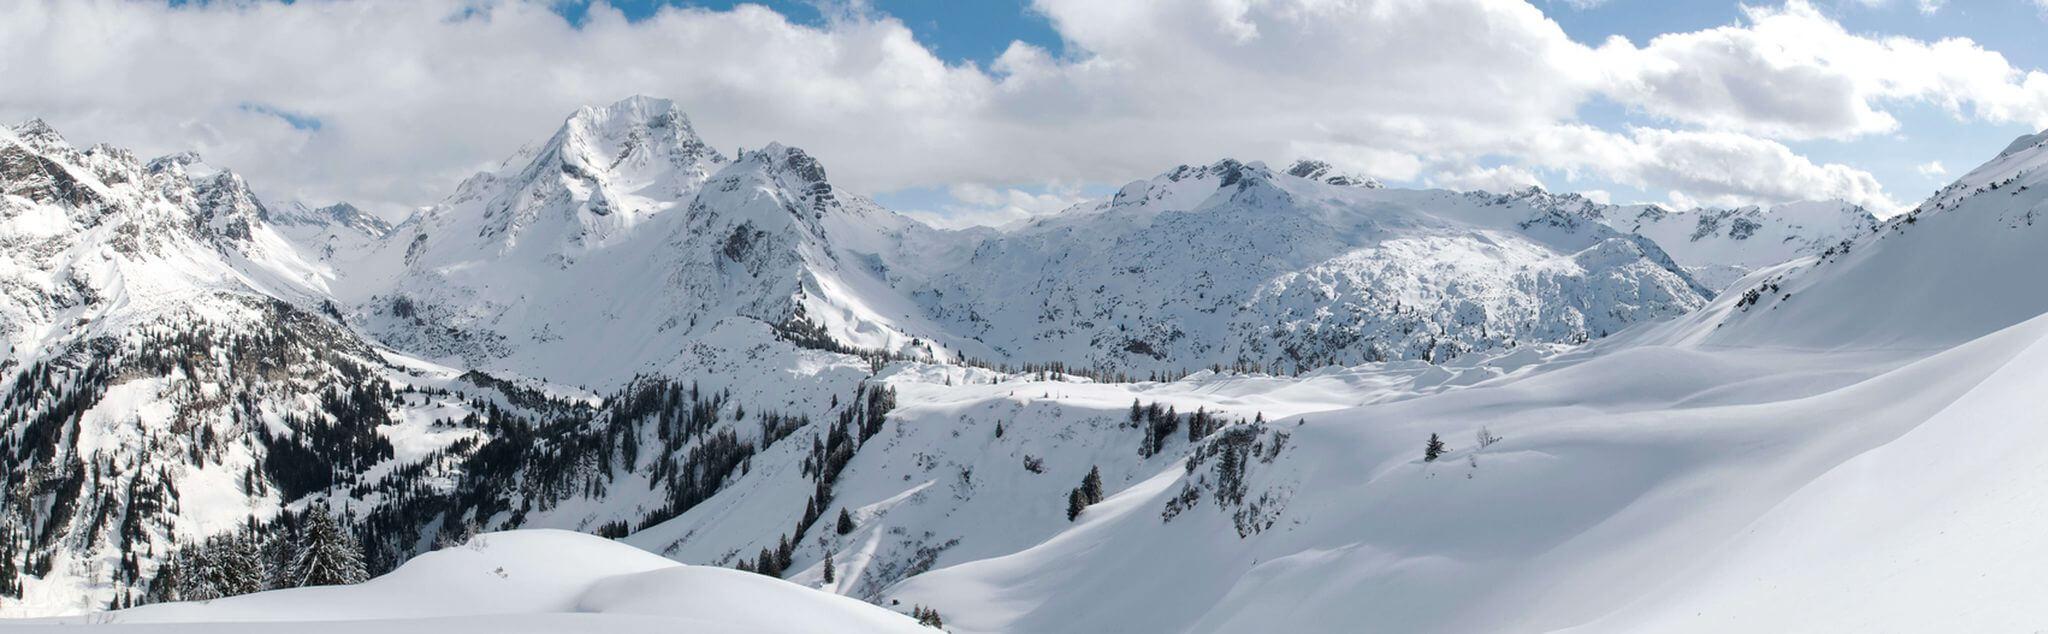 Sport da Neve a Brunico Bruneck